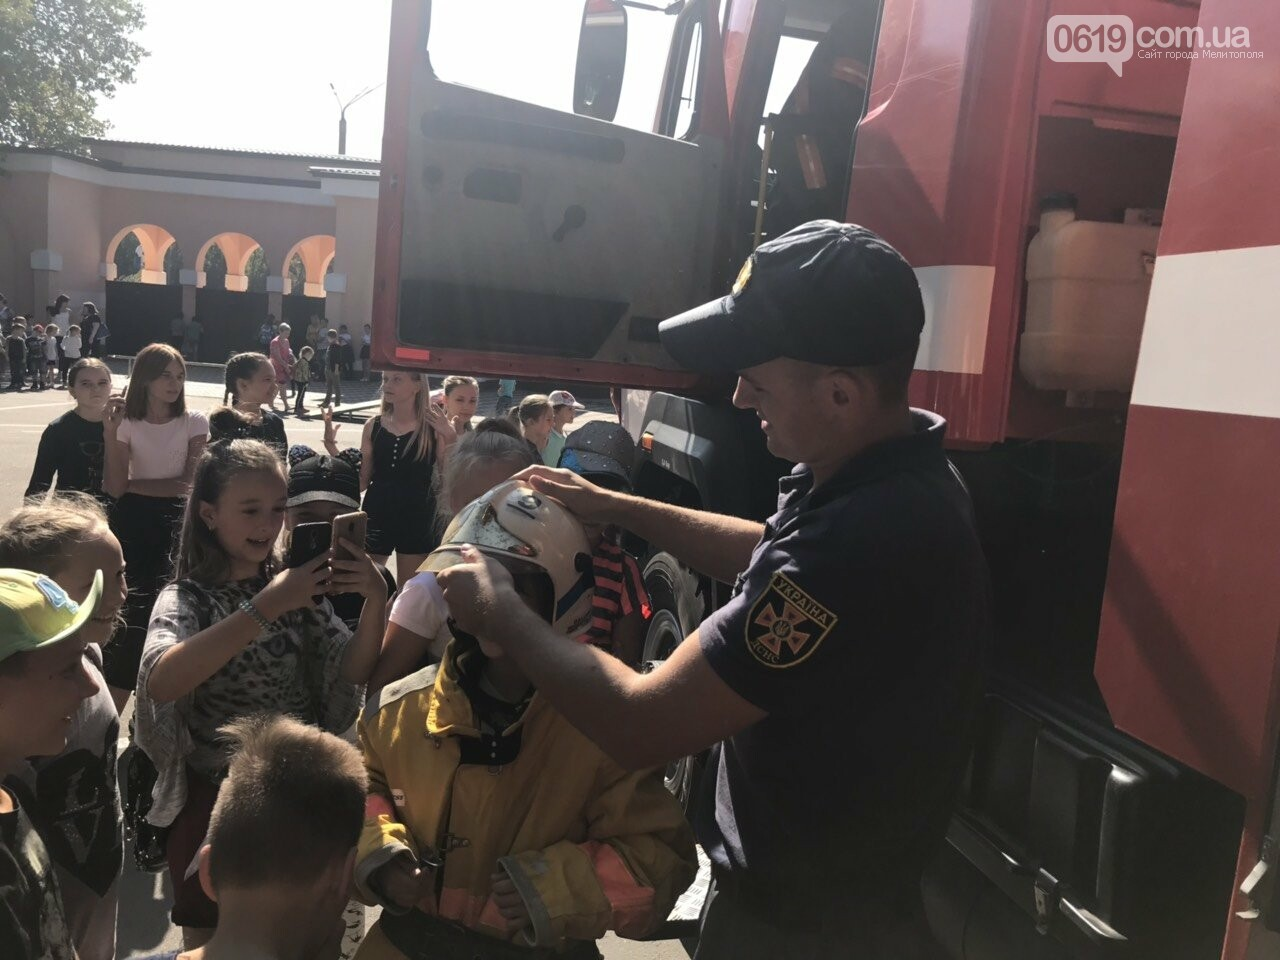 Мелитопольские спасатели провели масштабную акцию для детей, фото-10